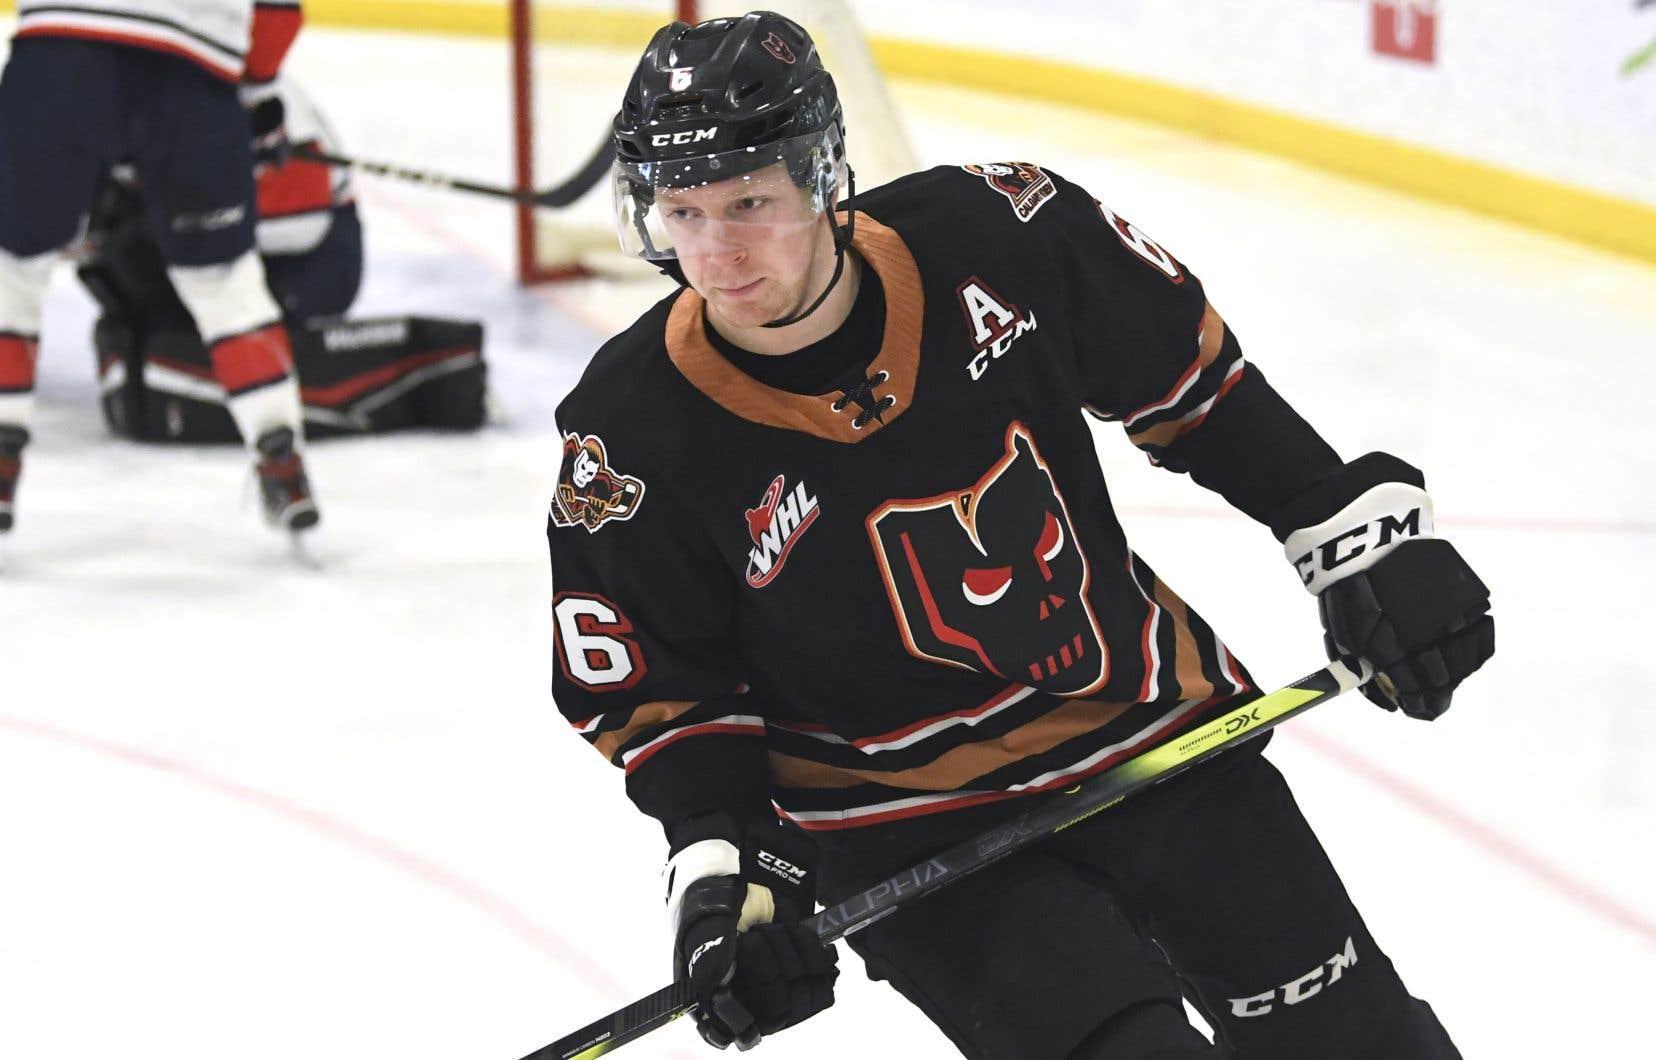 Luke Prokop a déclaré son homosexualité plus tôt cette semaine. Il est le premier joueur de la LNH à signer un contrat après avoir fait cette déclaration publiquement.